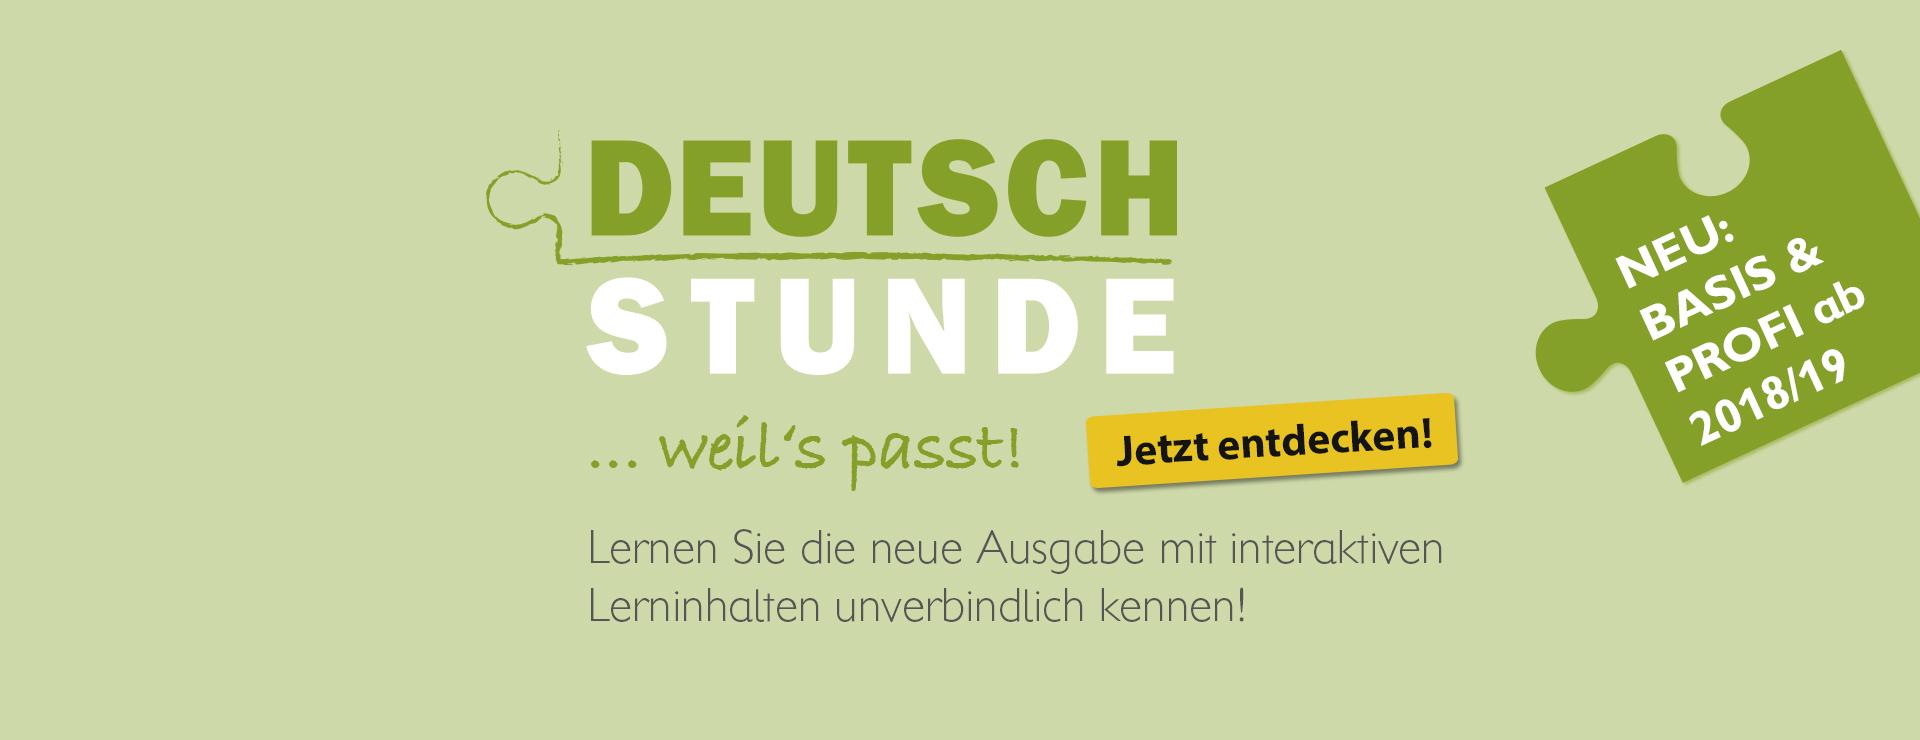 Deutschstunde neu Basis und Profi ab 2018/19